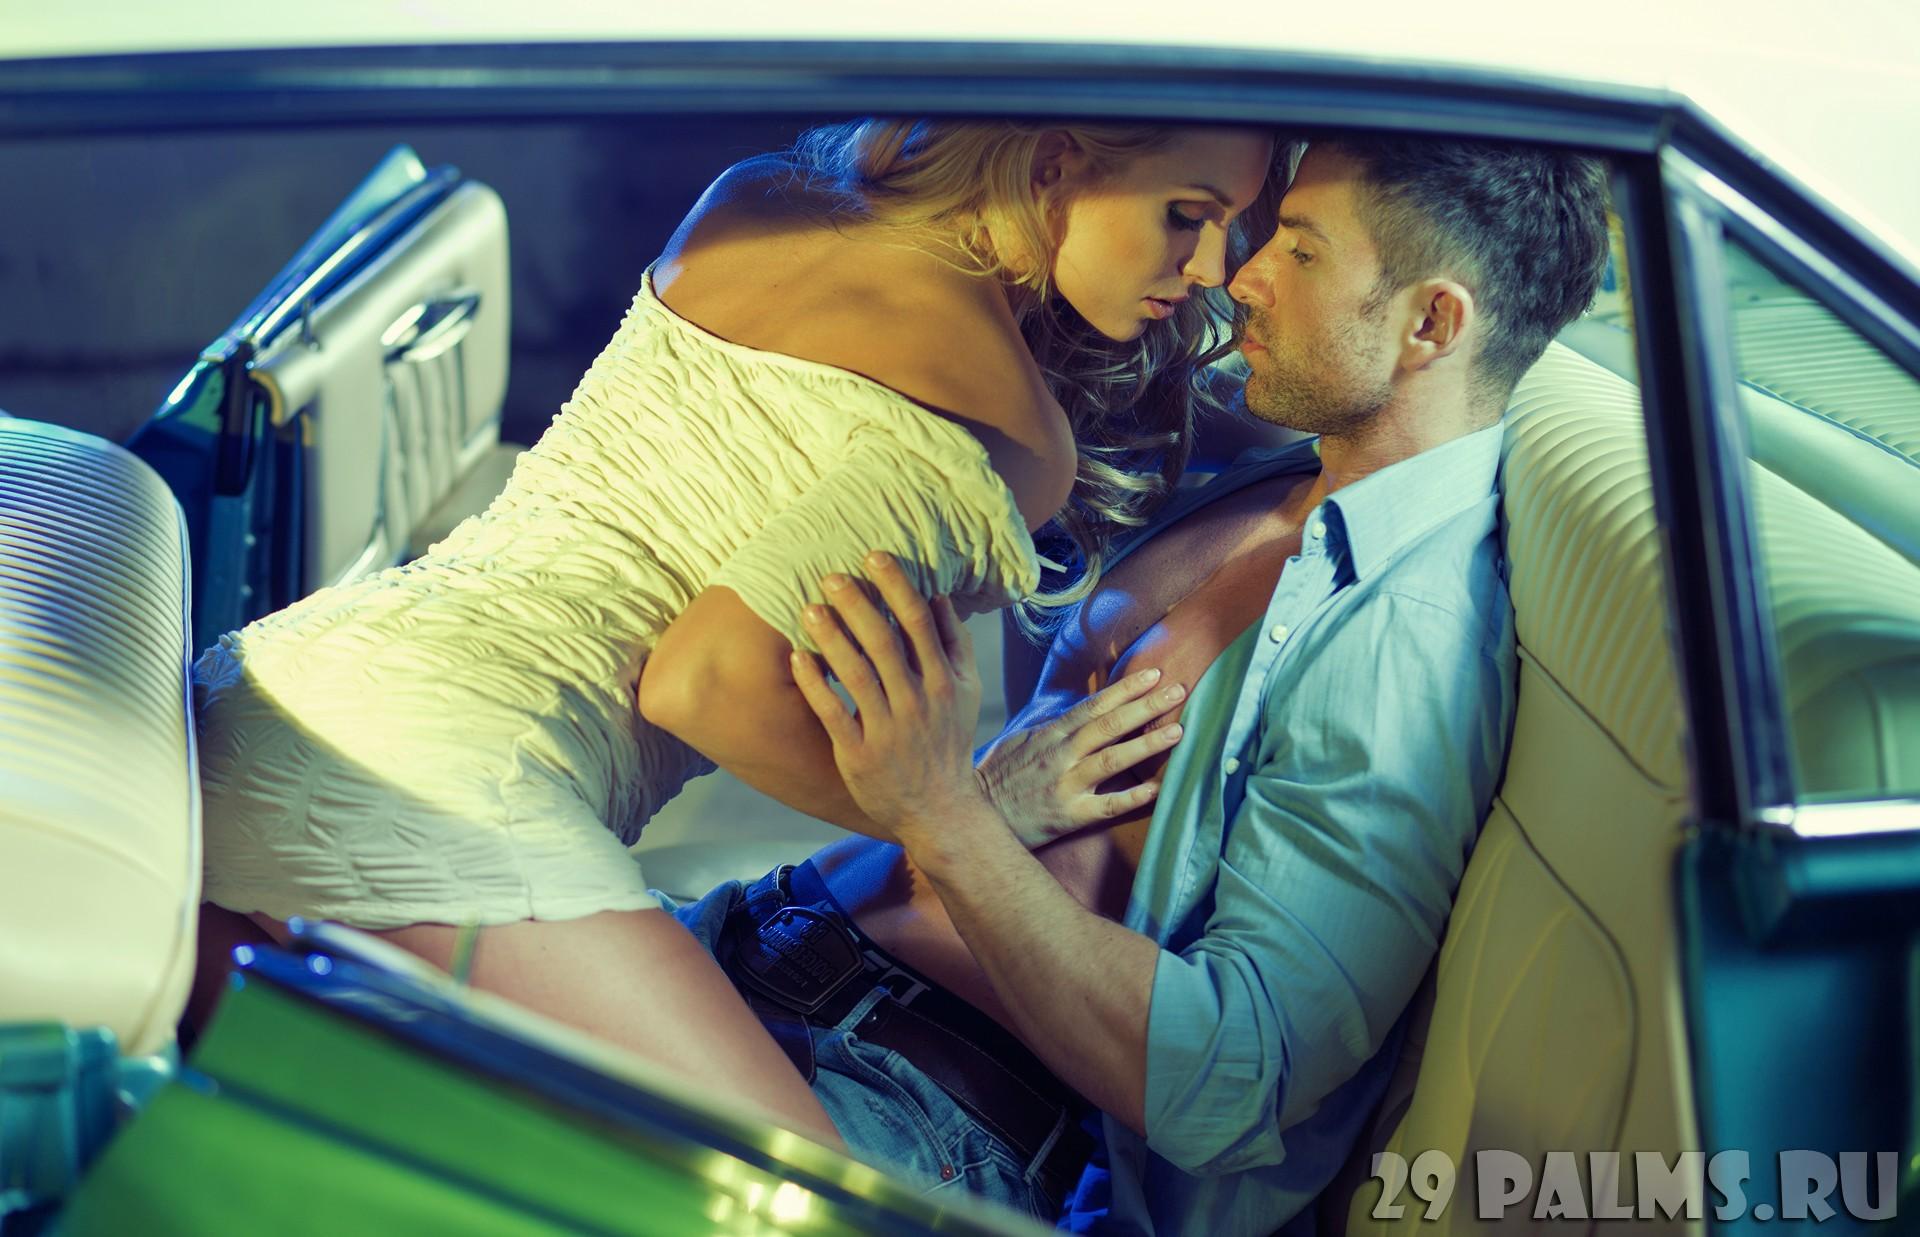 Секс фото с девушкой и парнем в машине на заднем сиденье 7 фотография